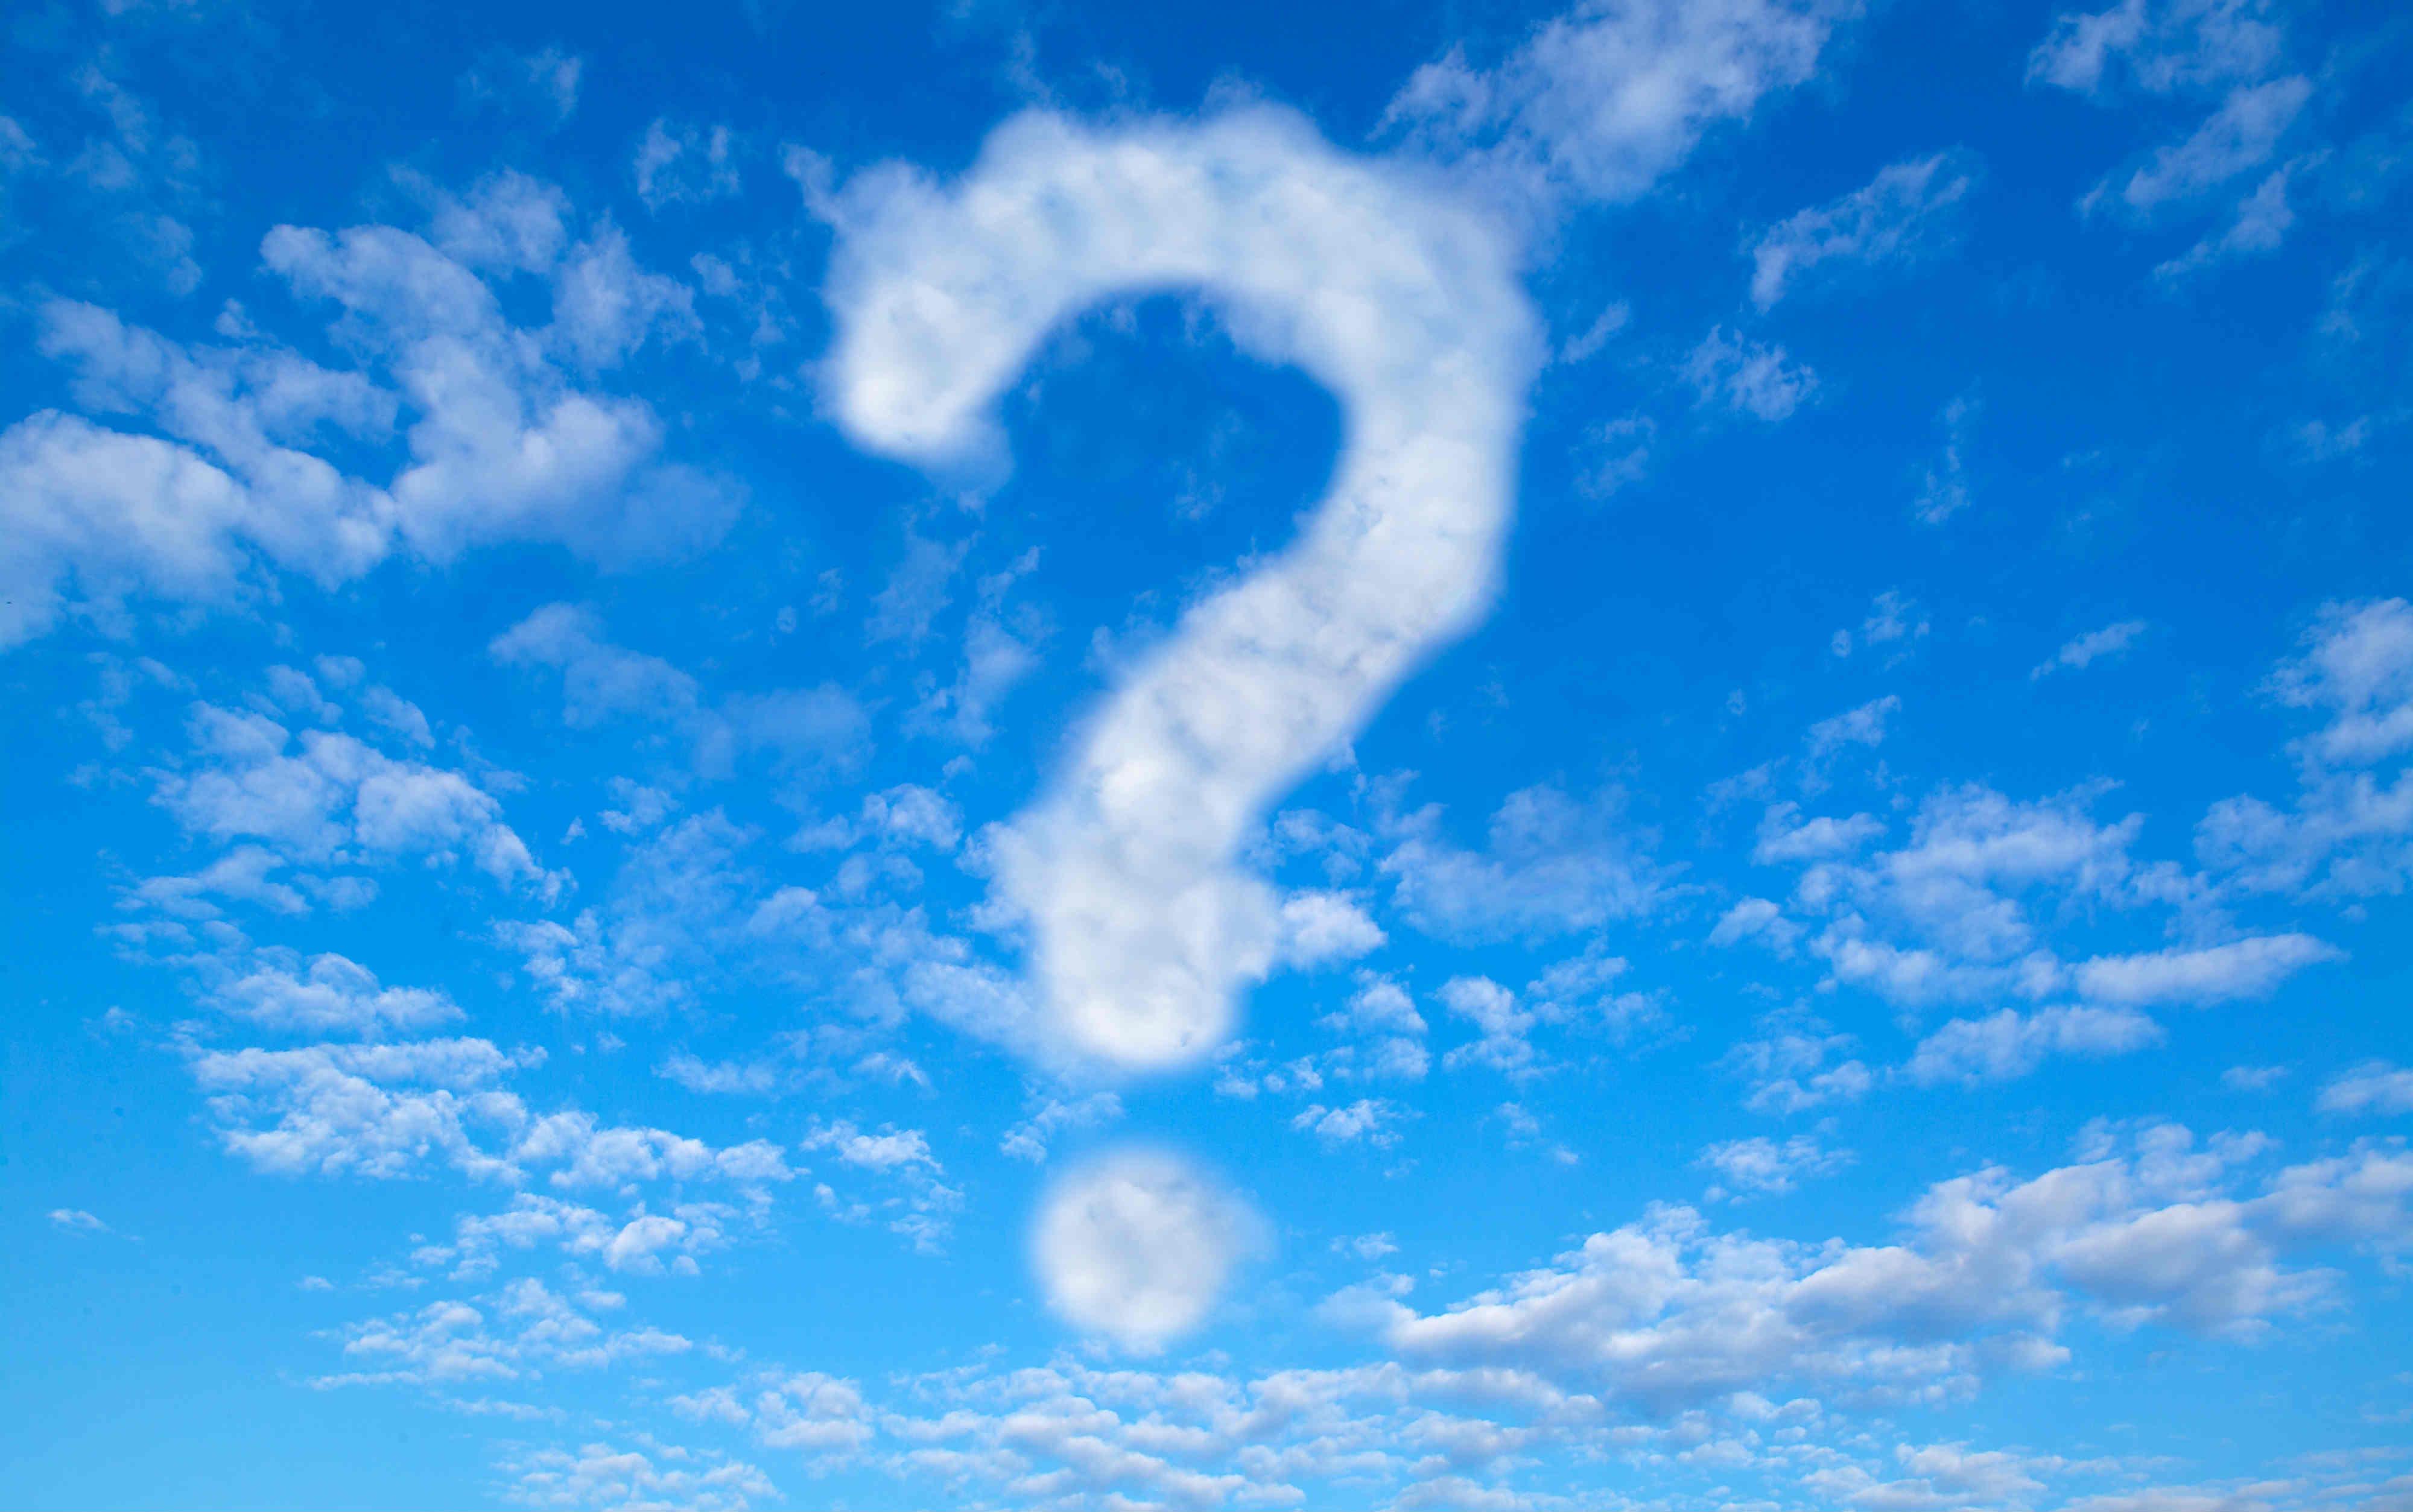 携帯乗り換え(MNP)の本人確認書類は健康保険証でも大丈夫?